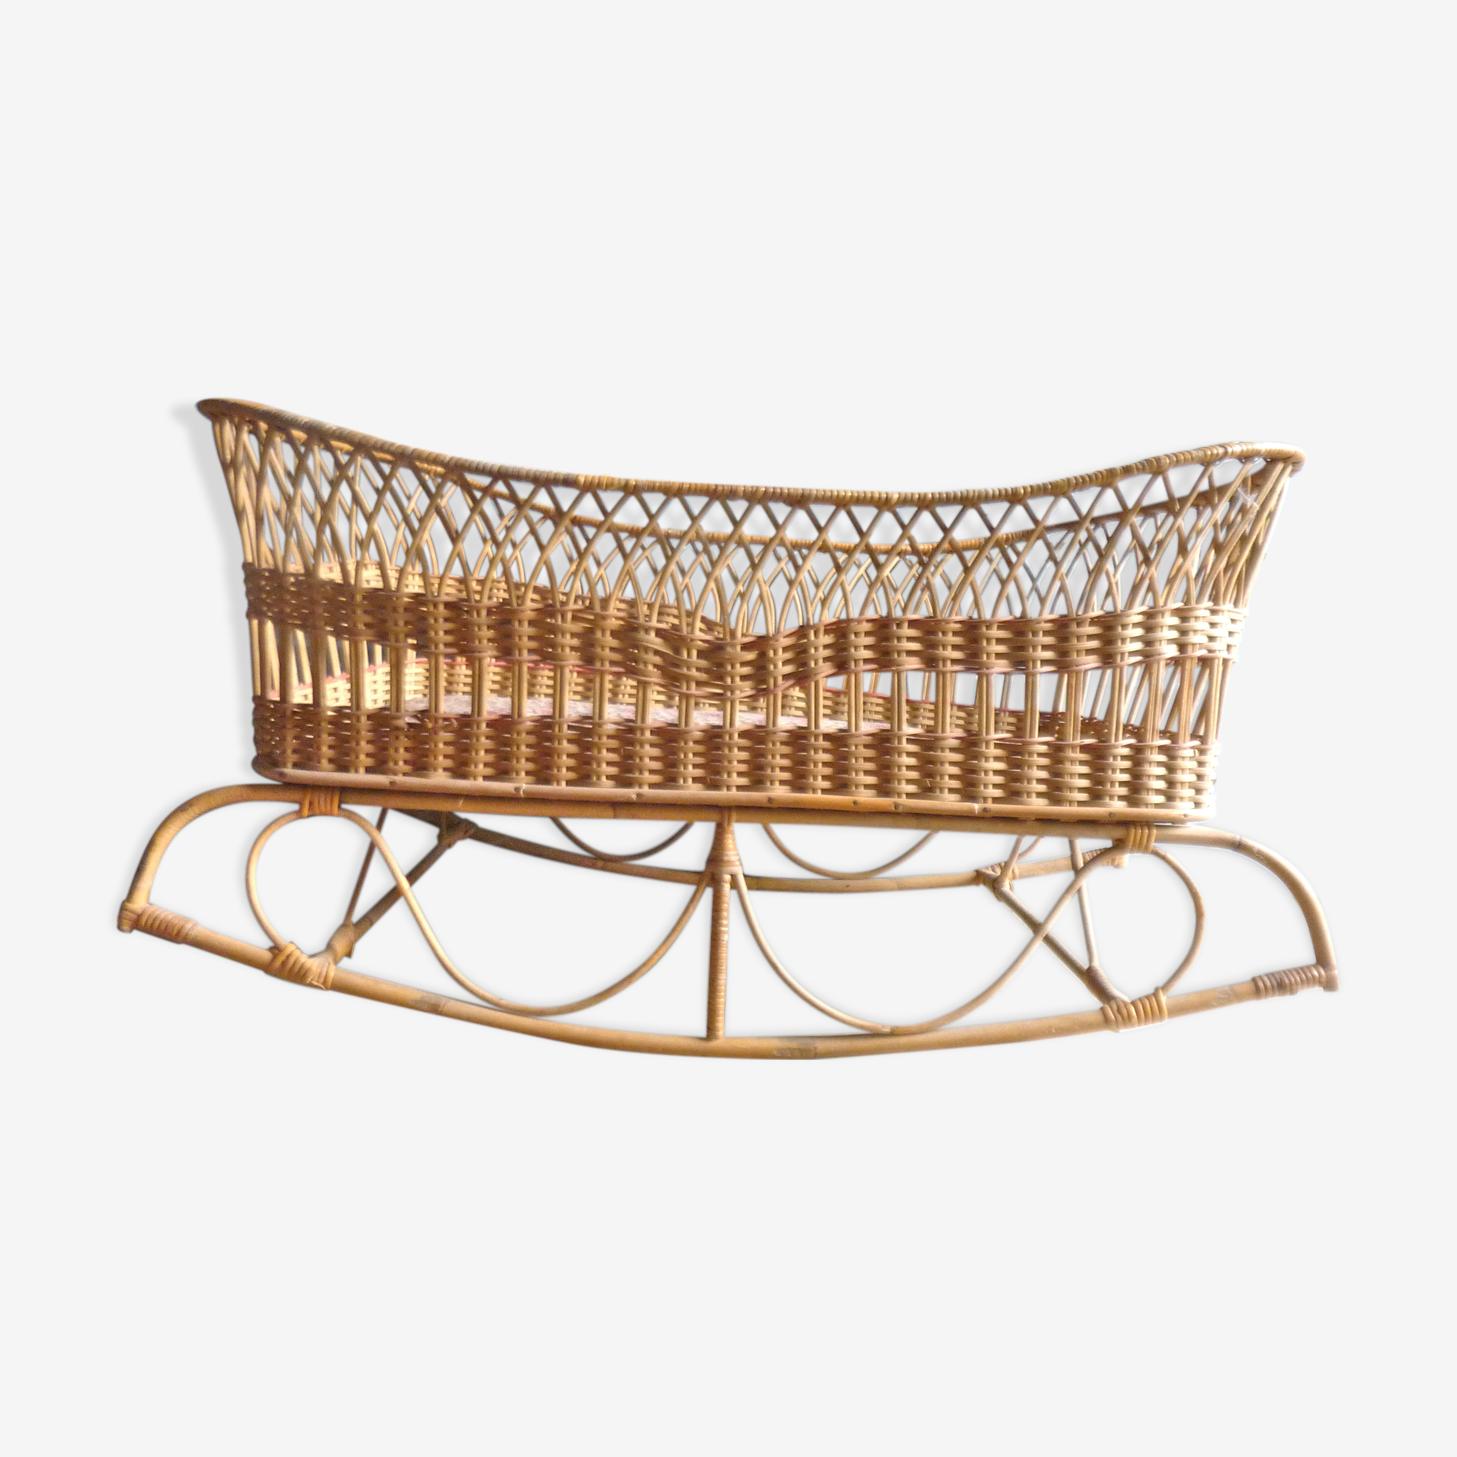 Bed cradle rattan